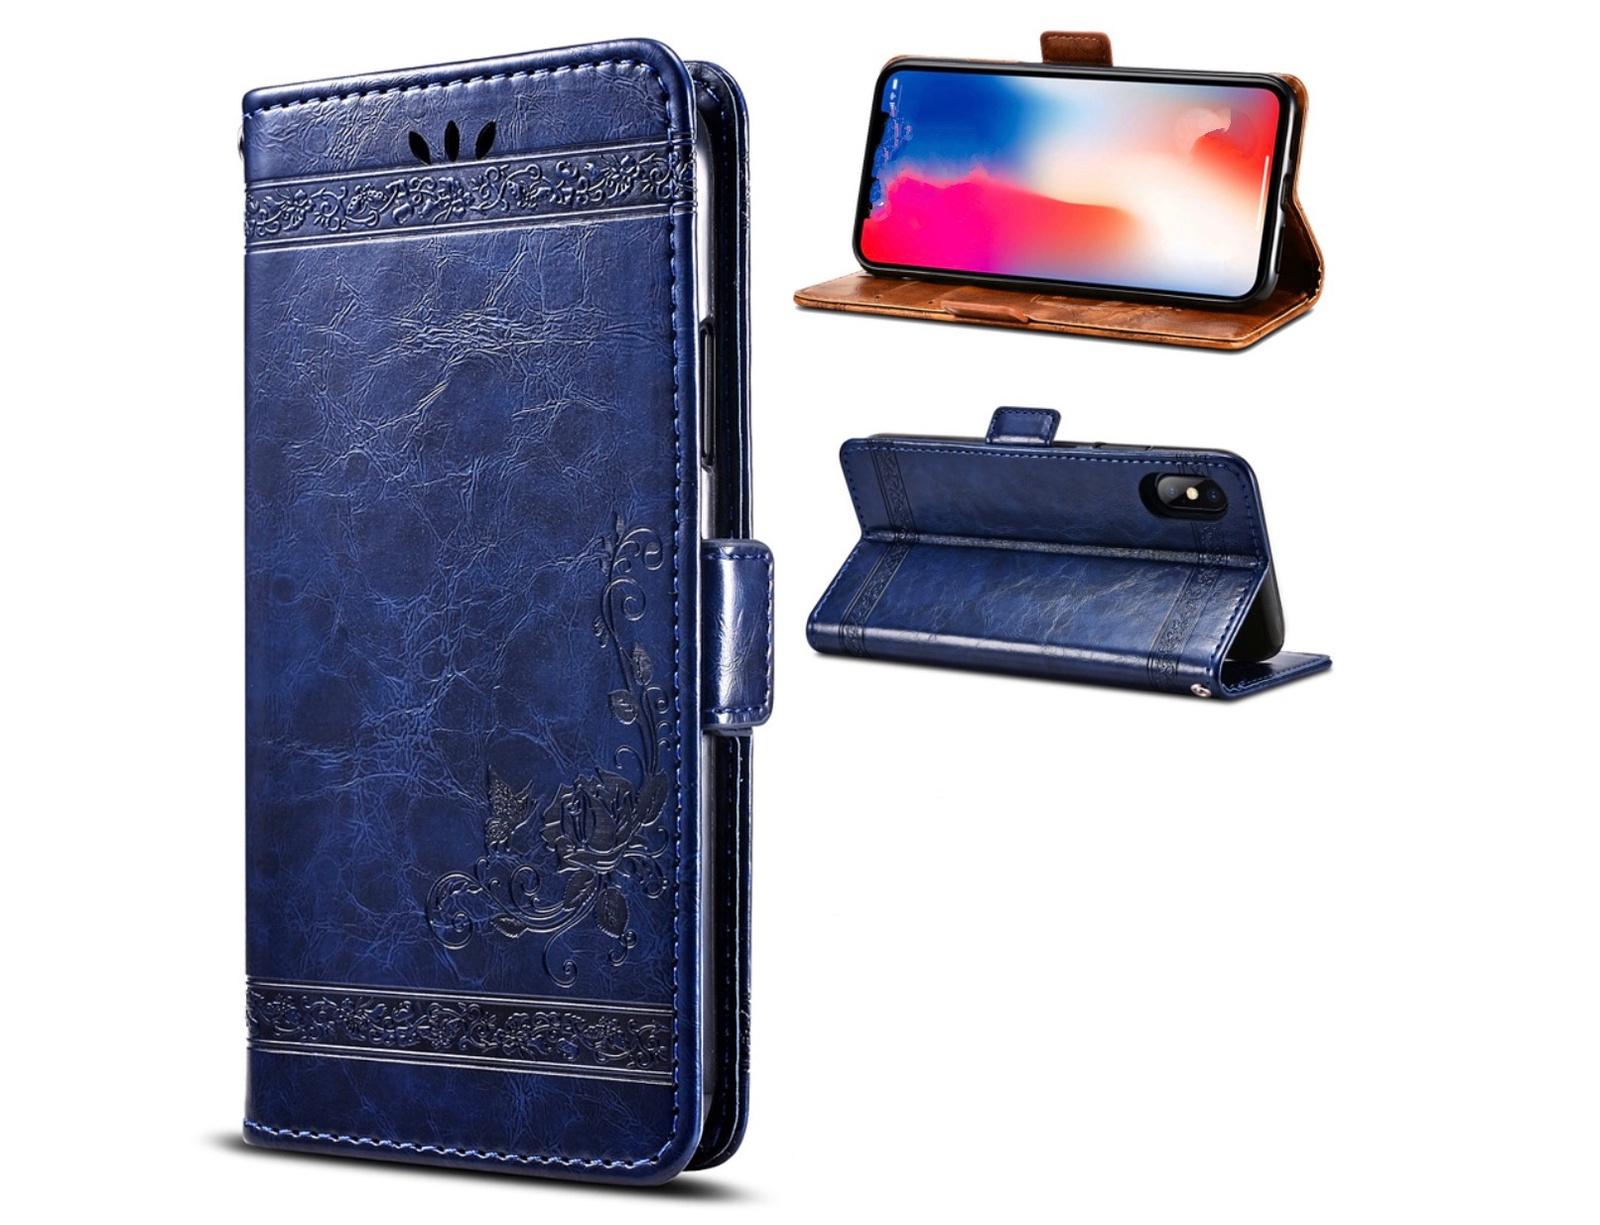 Фирменный чехол-книжка из качественной импортной кожи с мульти-подставкой застёжкой и визитницей для ZTE Blade L5 Plus / ZTE Blade L5 синий с рисунком MyPads